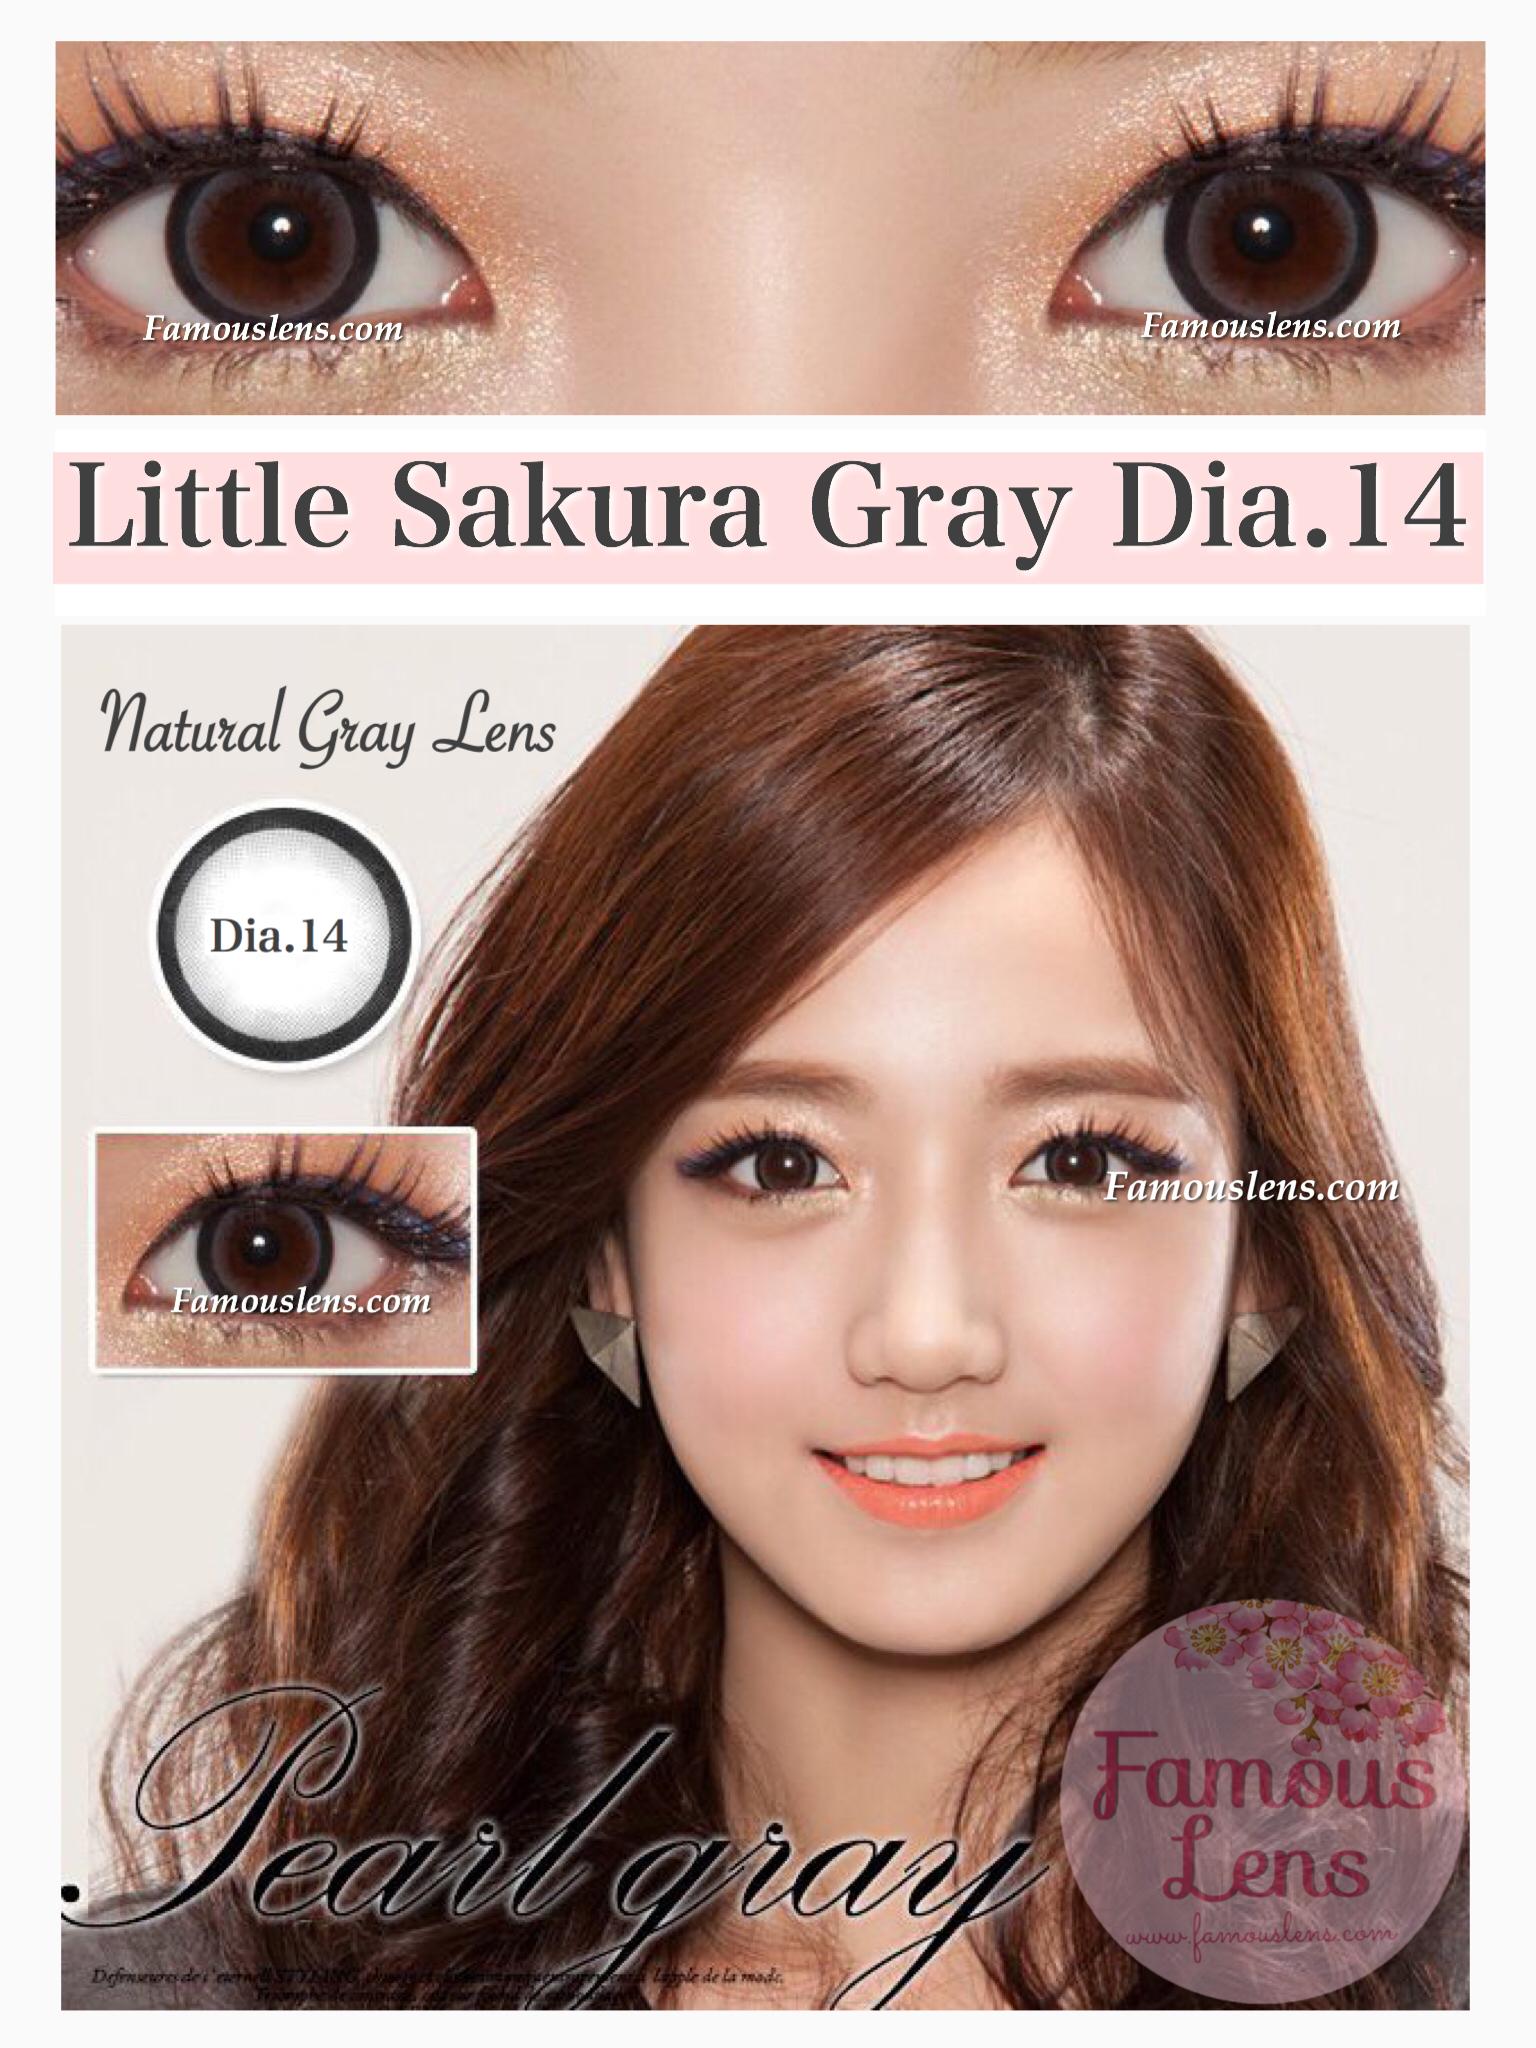 Little Sakura Gray คอนแทคเลนส์สีเทา ตัดขอบ ขนาดเล็ก Dia.14